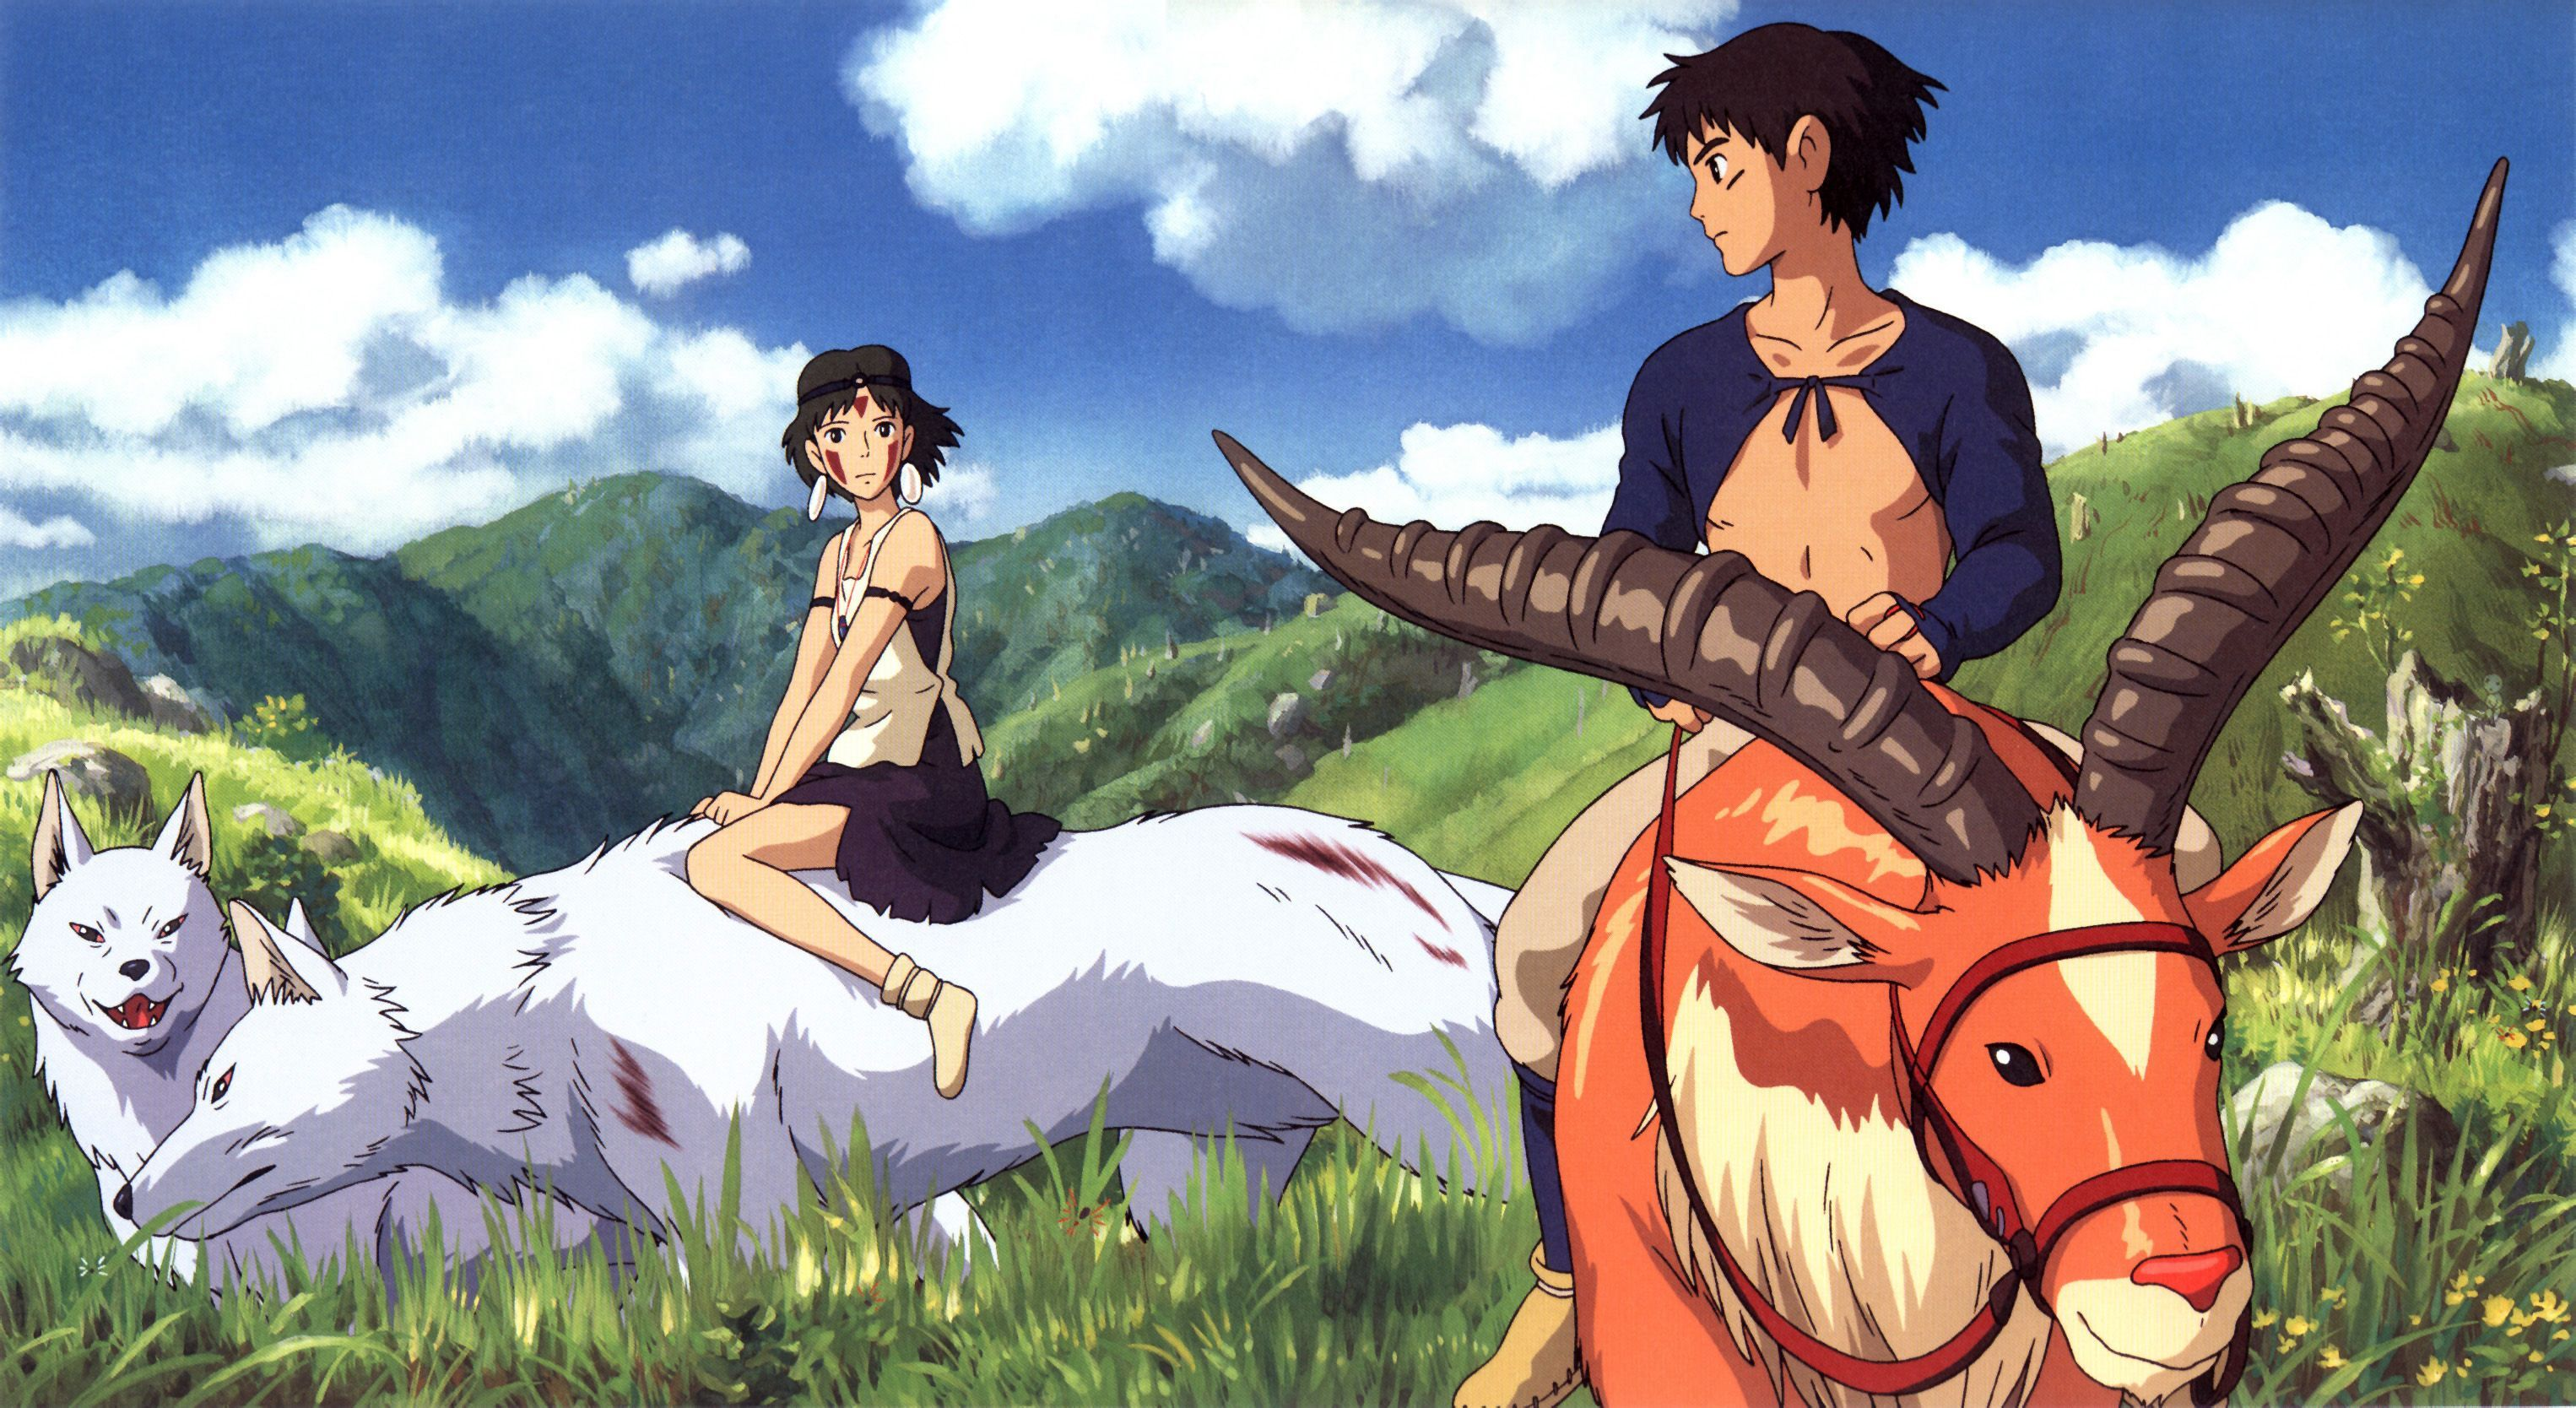 伊莎贝勒艺术团荐读,宫崎骏久石让合作,动画电影不可逾越的经典